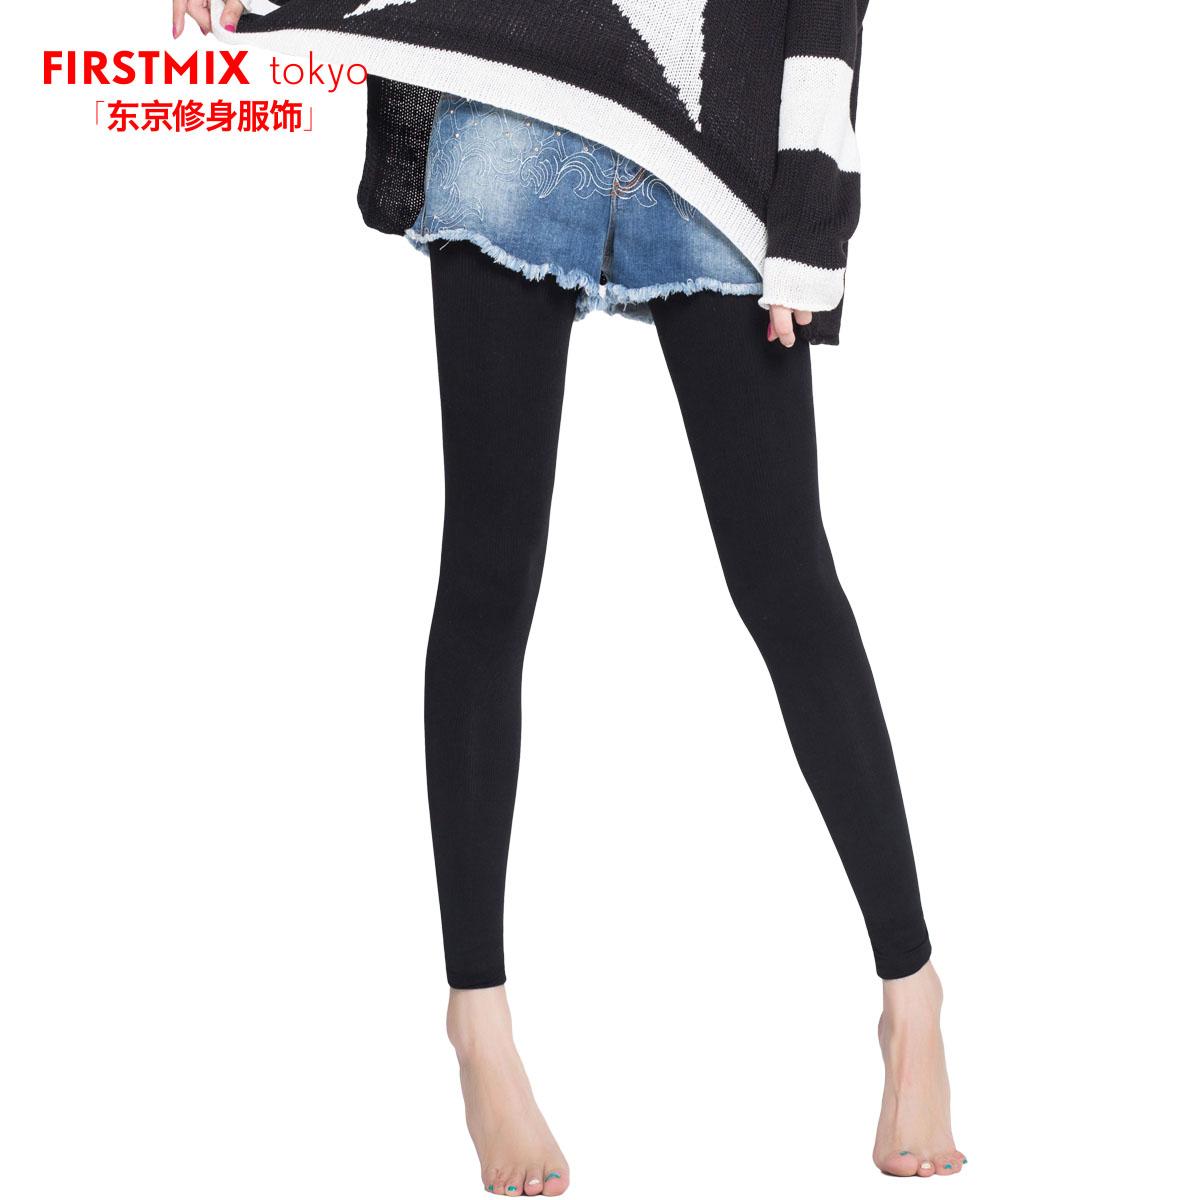 FIRSTMIX保暖瘦腿袜 480D正品燃脂塑型秋冬九分袜女袜子 打底